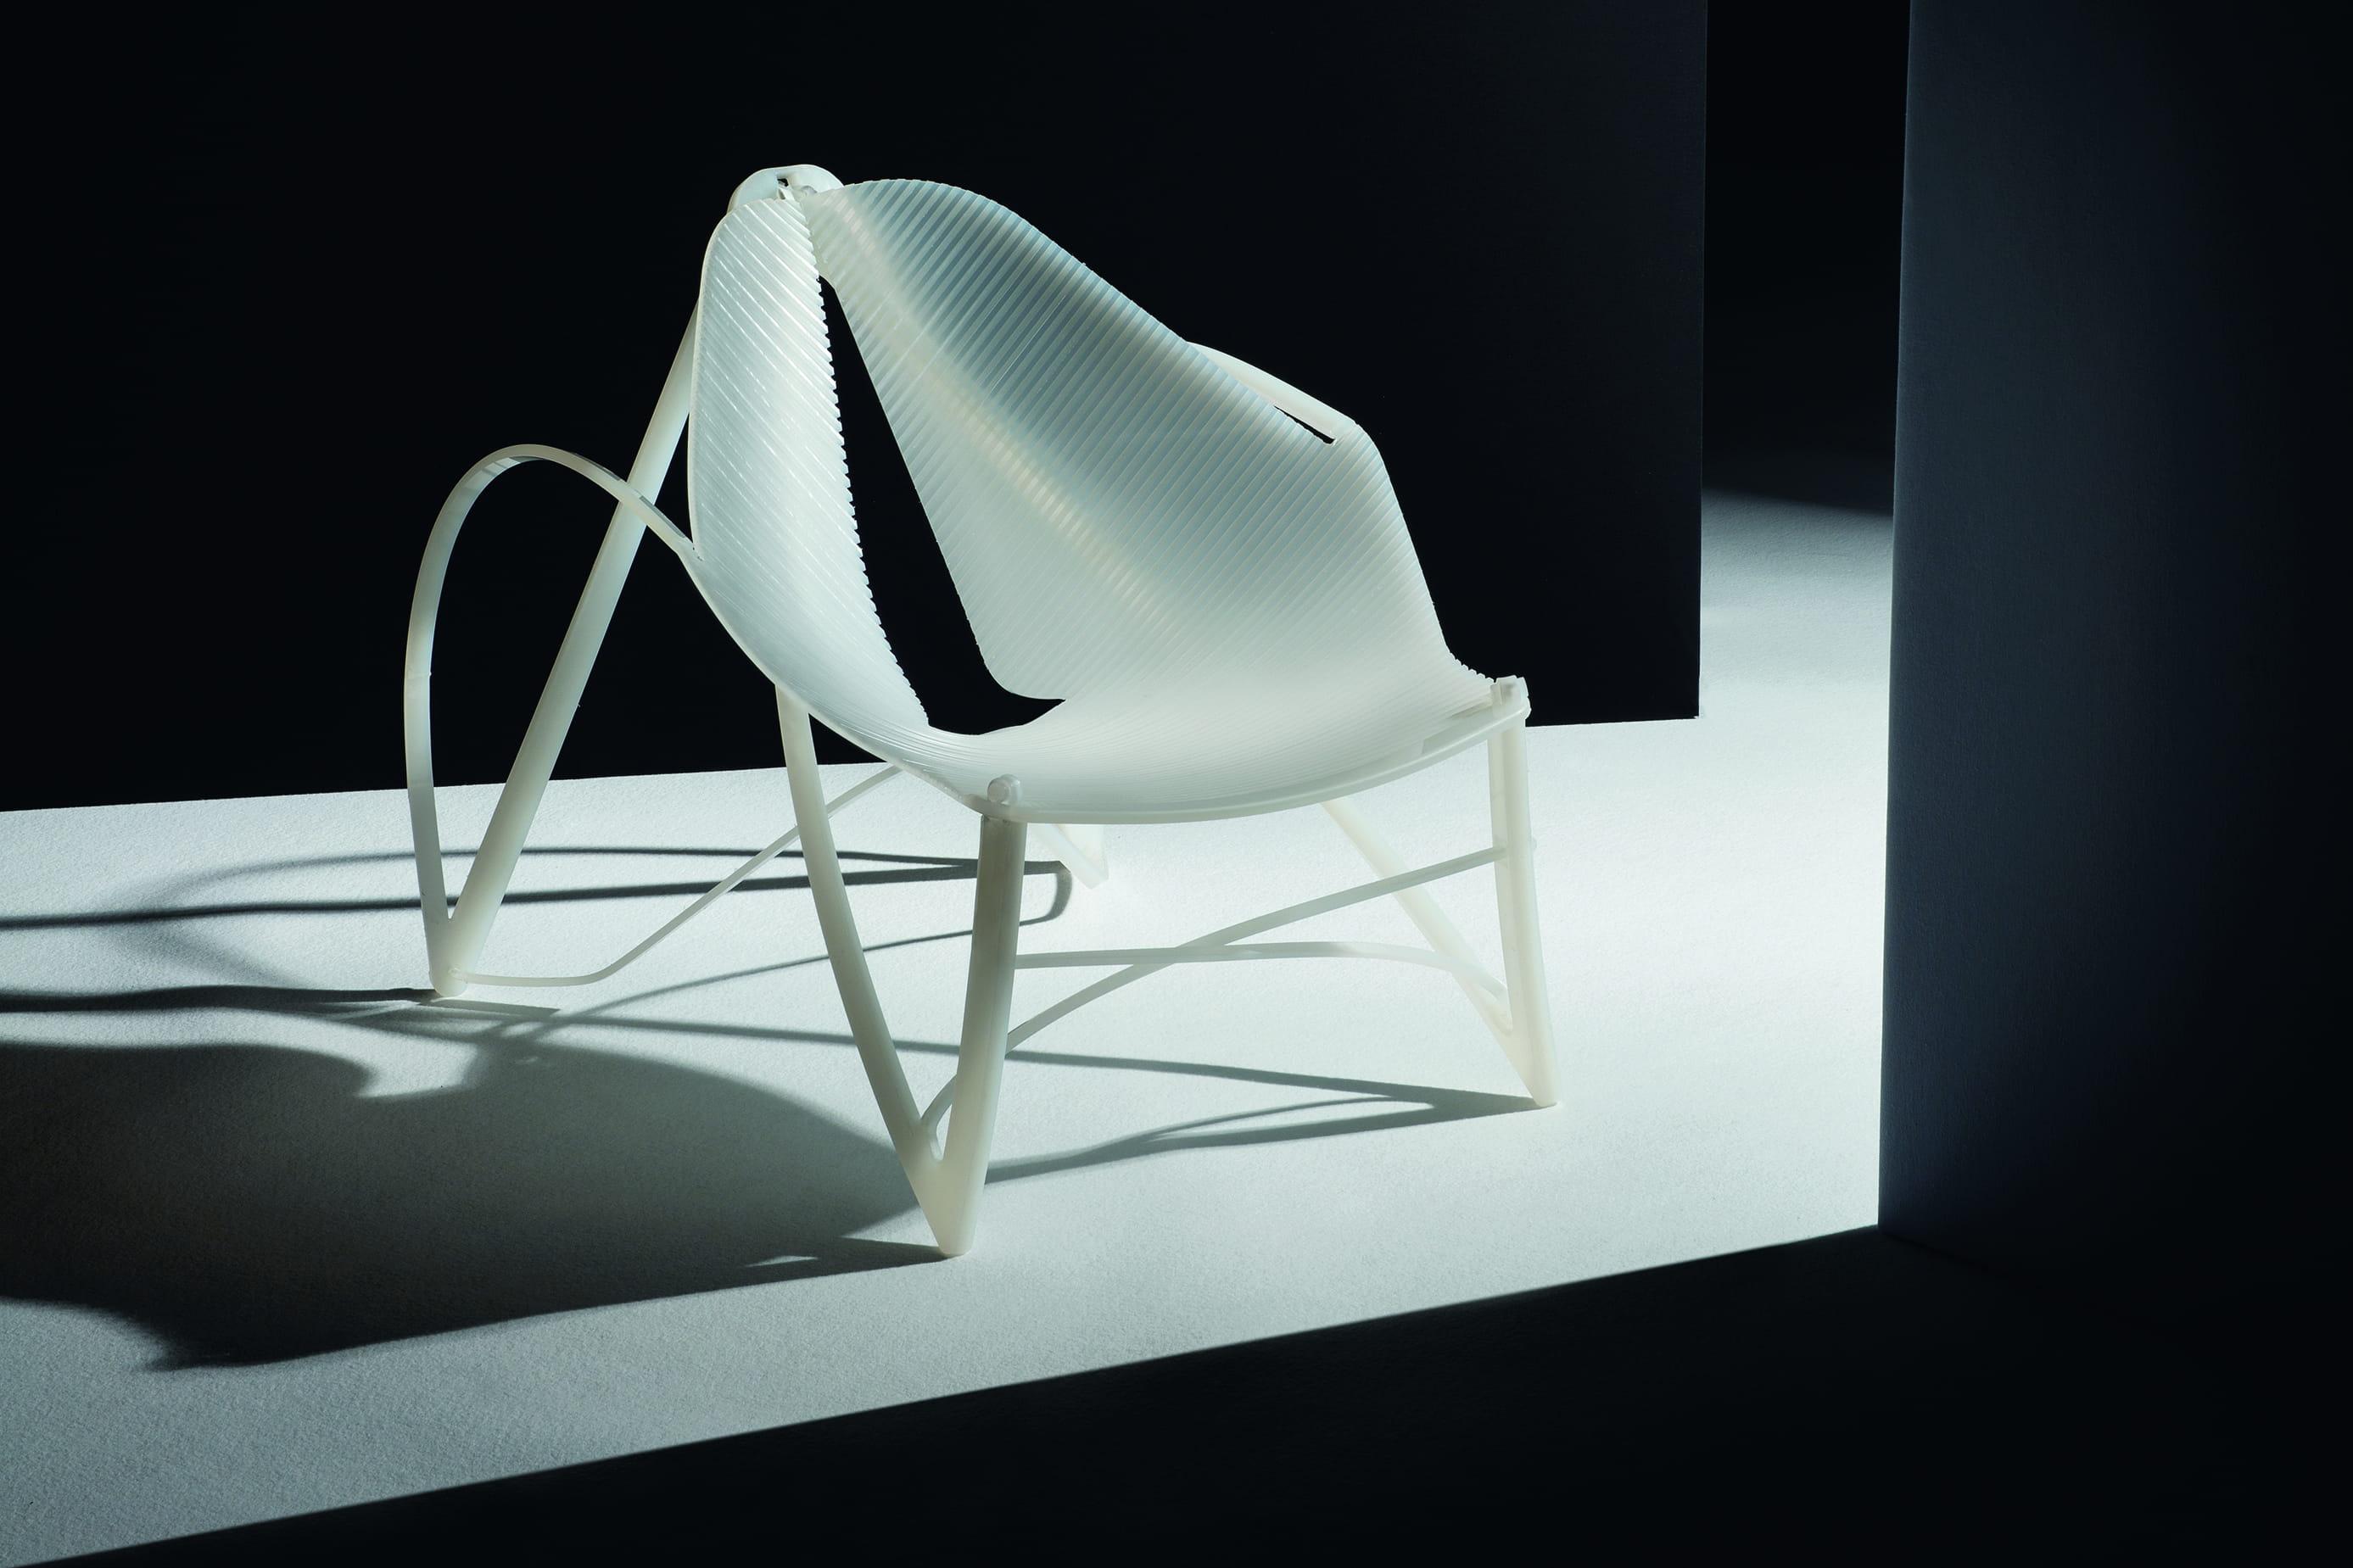 chaise sillon par camille riboulleau. Black Bedroom Furniture Sets. Home Design Ideas